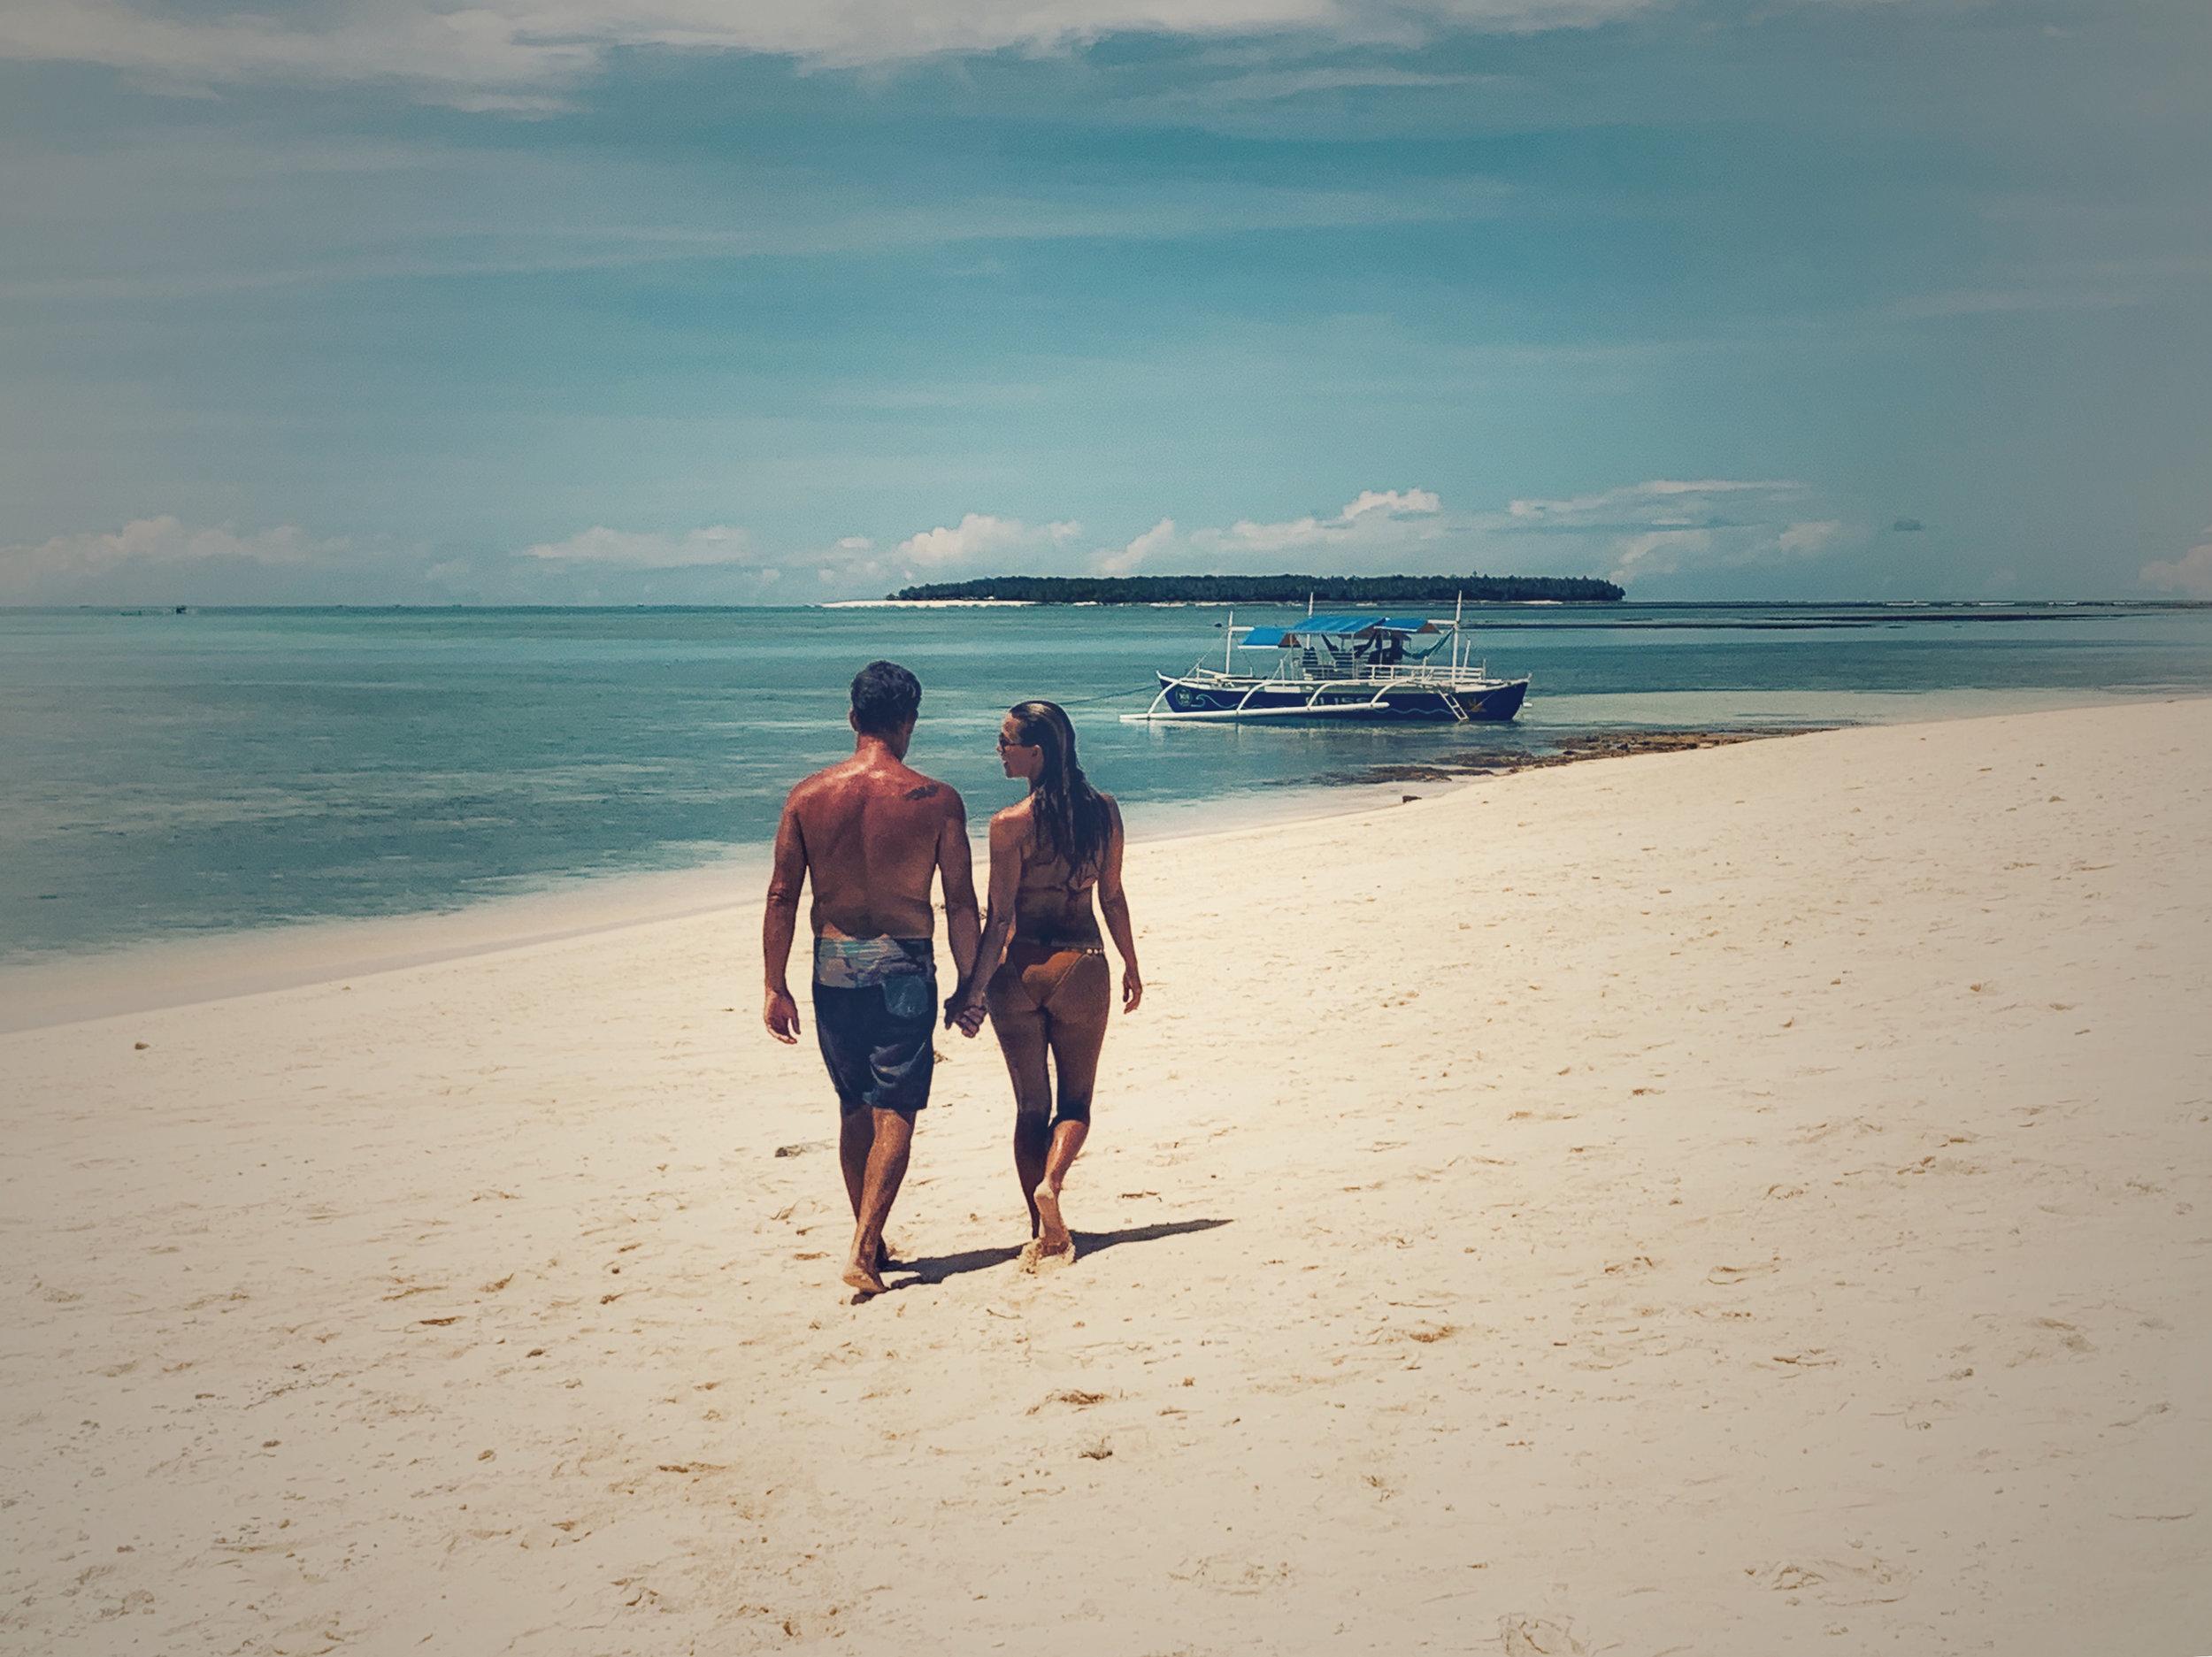 yoga-retreat-naked-daku-guyam-siargao-island-philippines.jpg